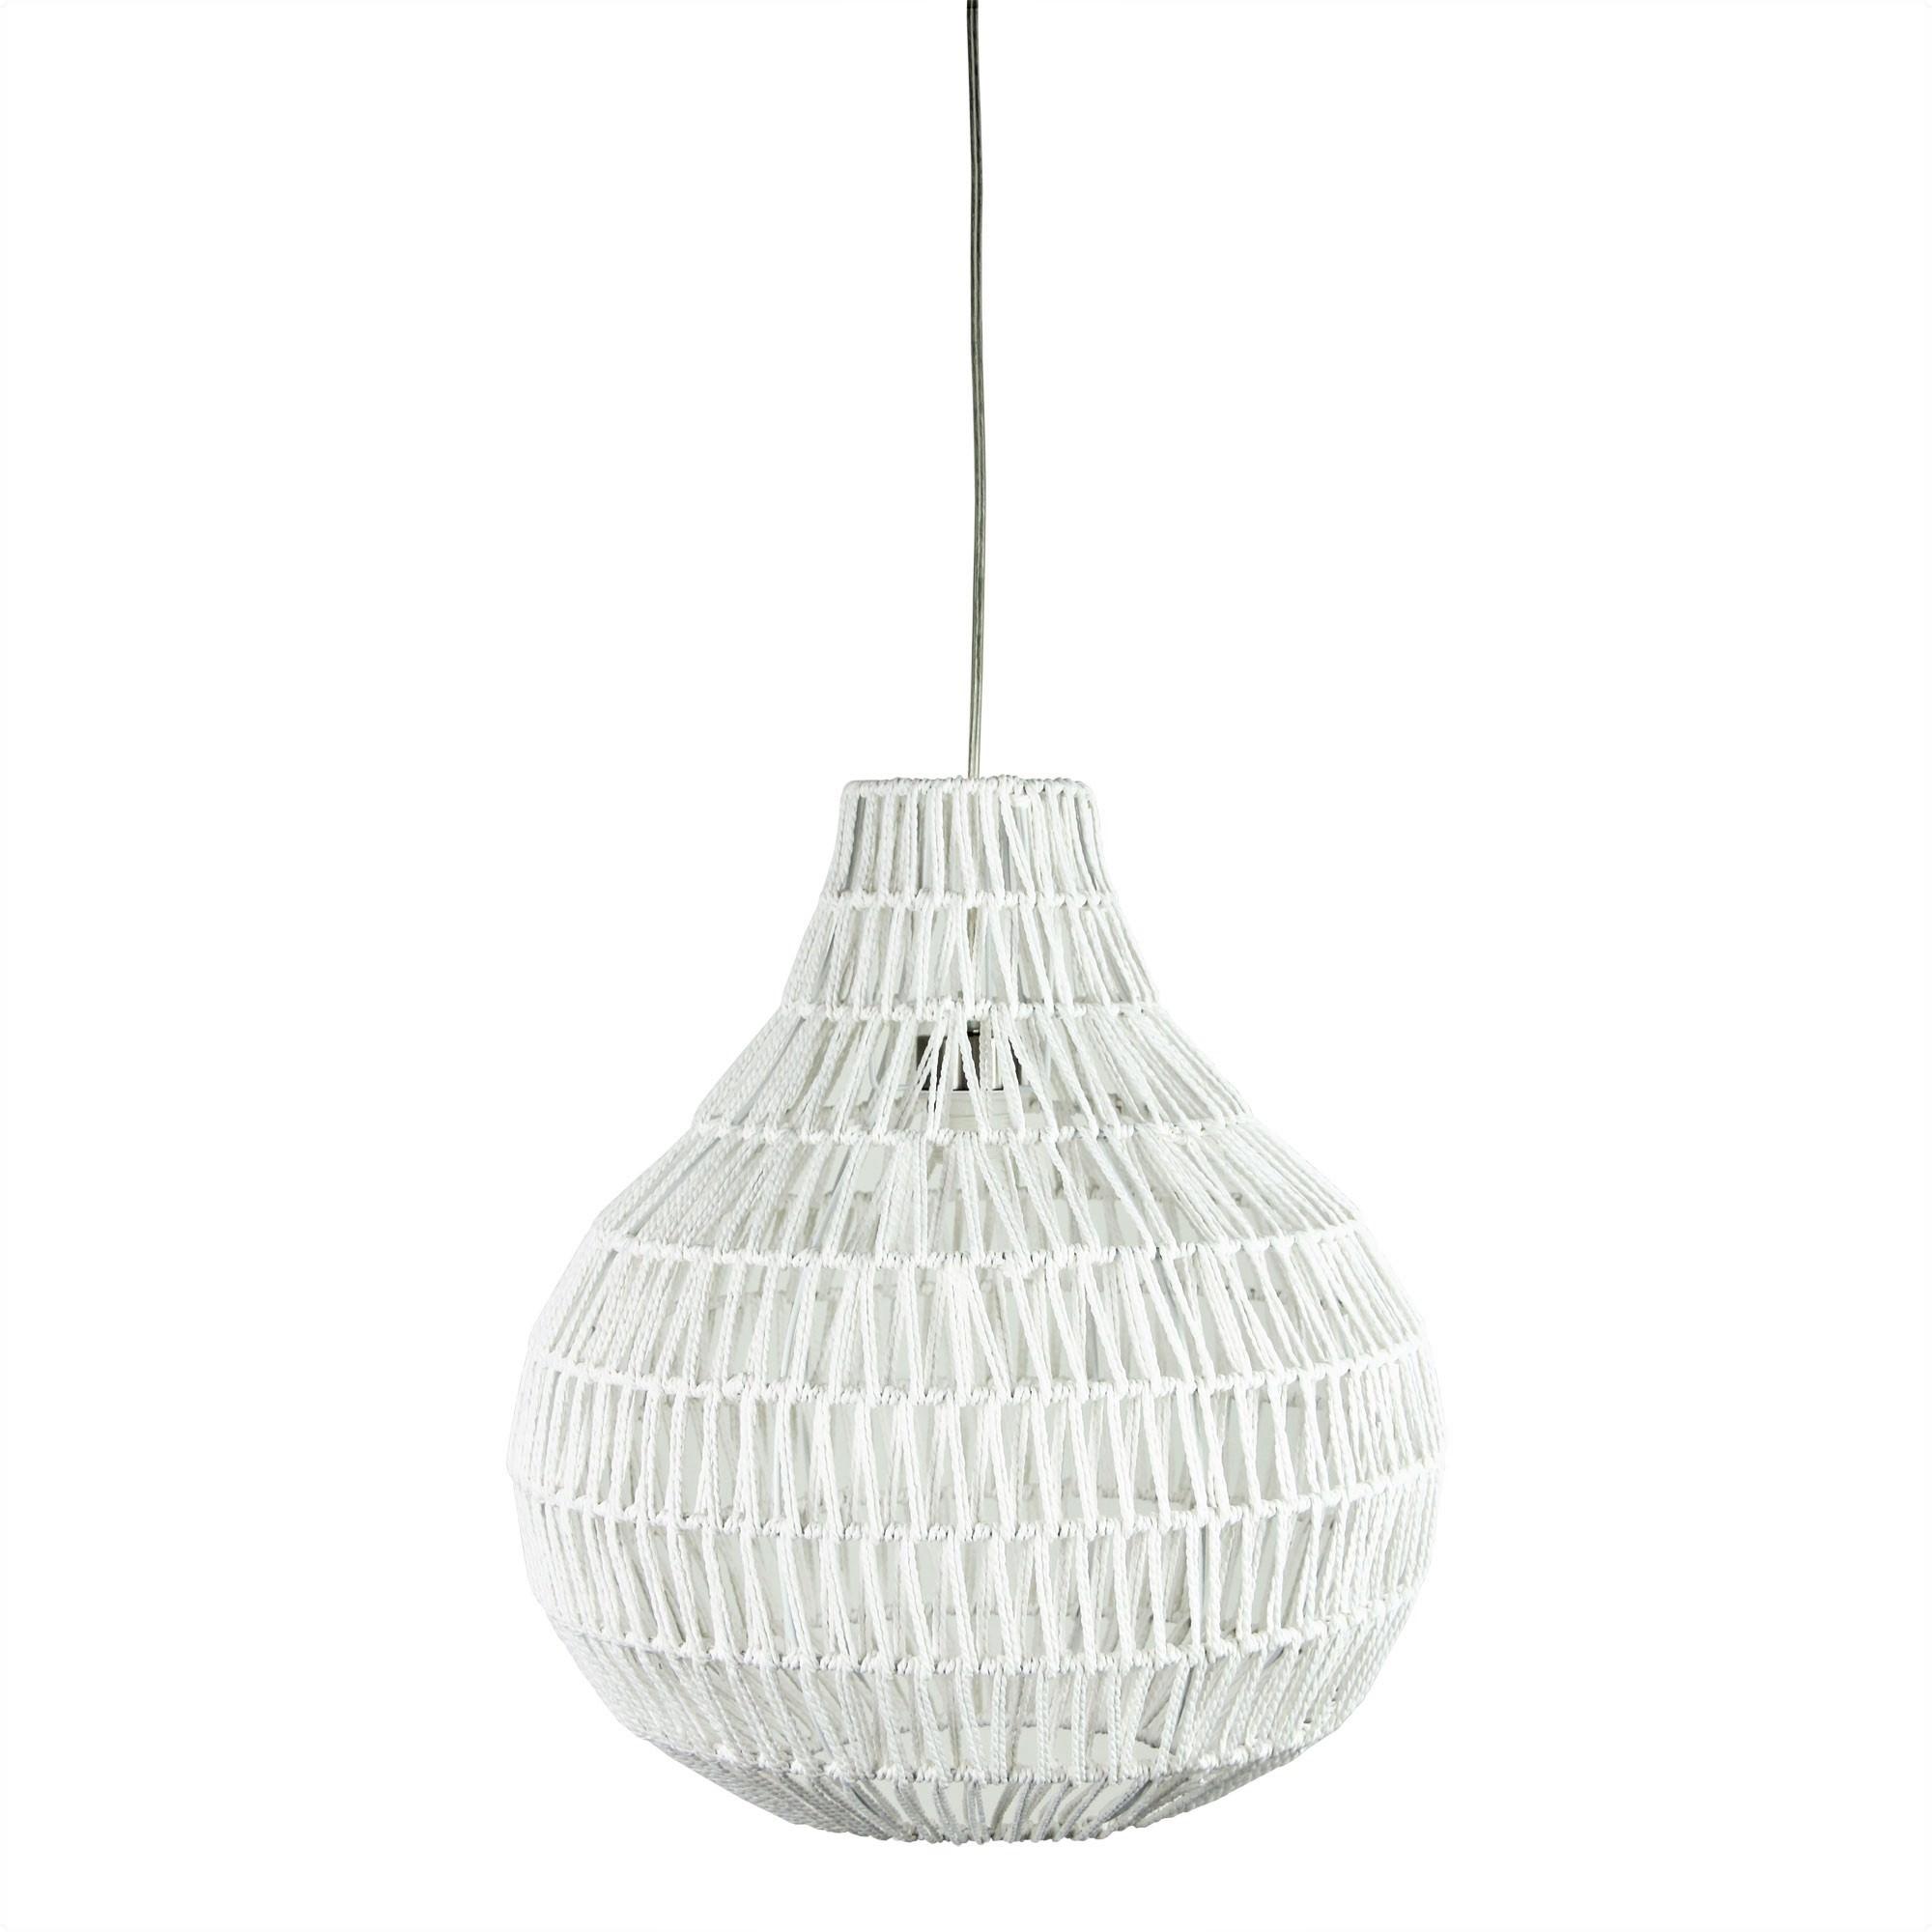 Cooper Woven String Pendant Light Shade Only, 45cm, White